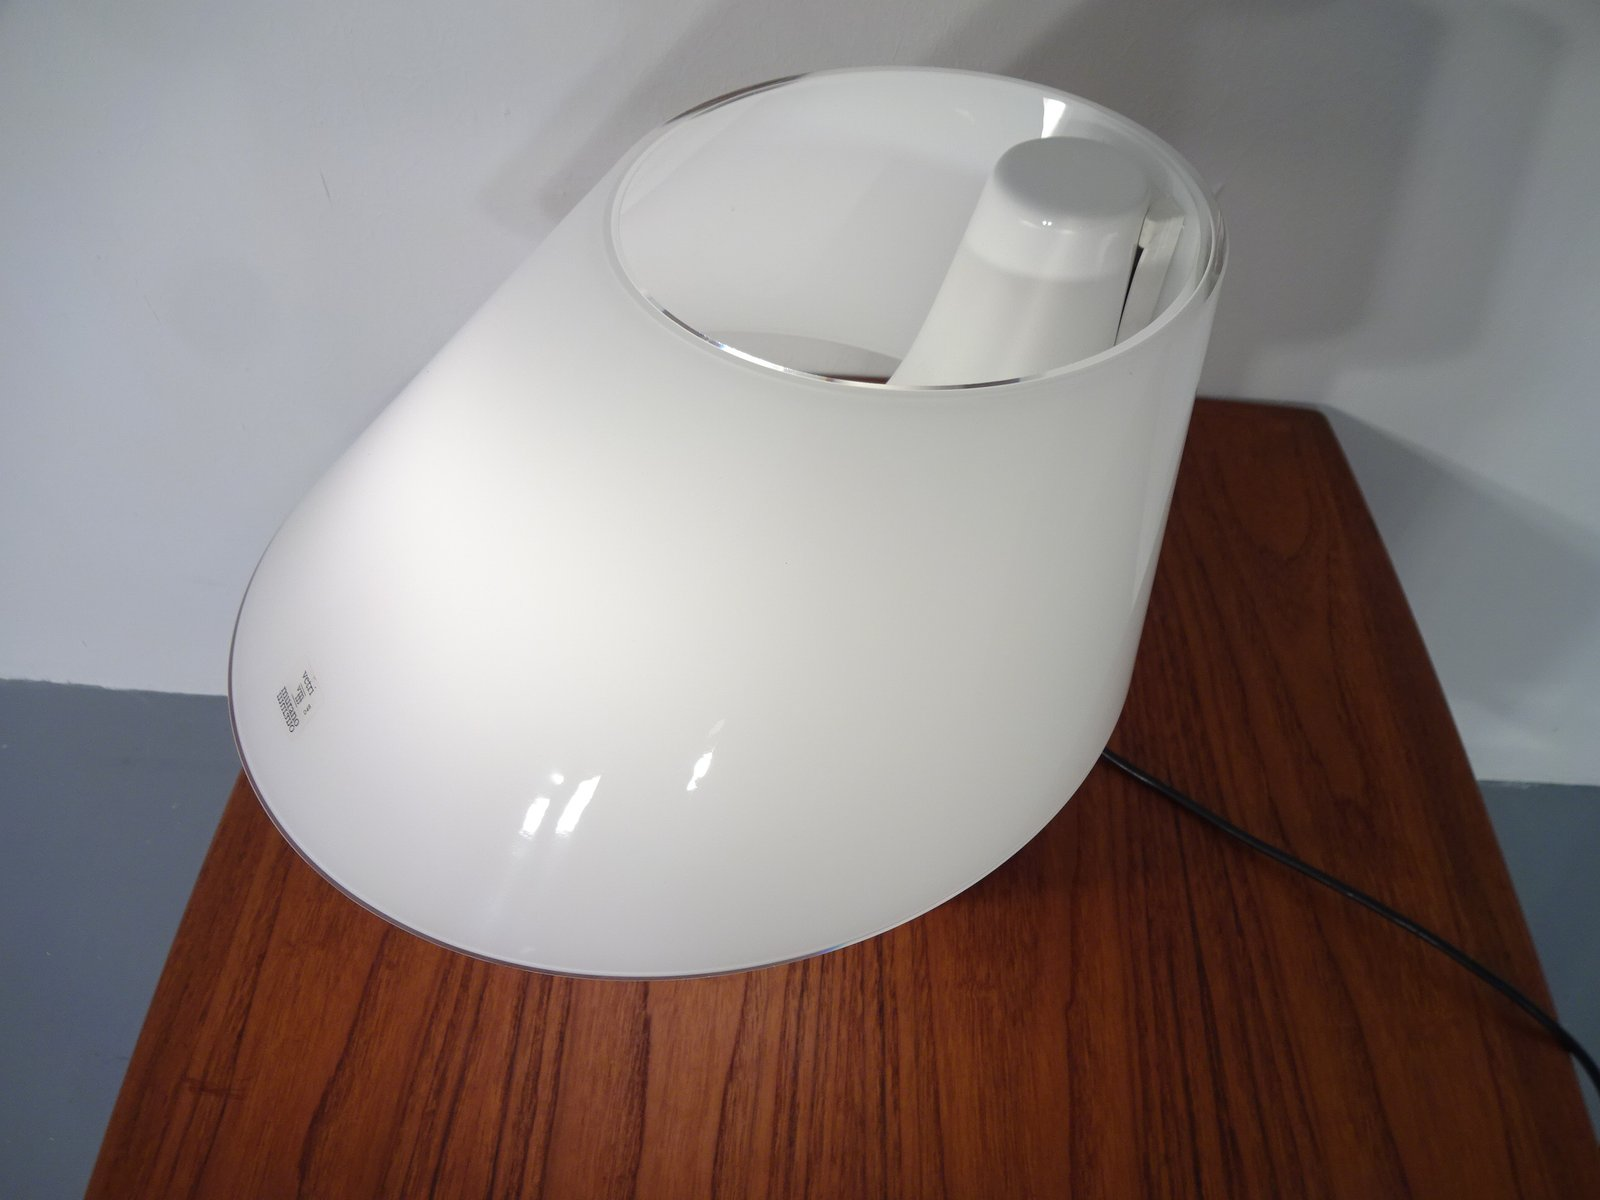 italienische murano lampe von ernesto gismondi f r artemide 1980er bei pamono kaufen. Black Bedroom Furniture Sets. Home Design Ideas